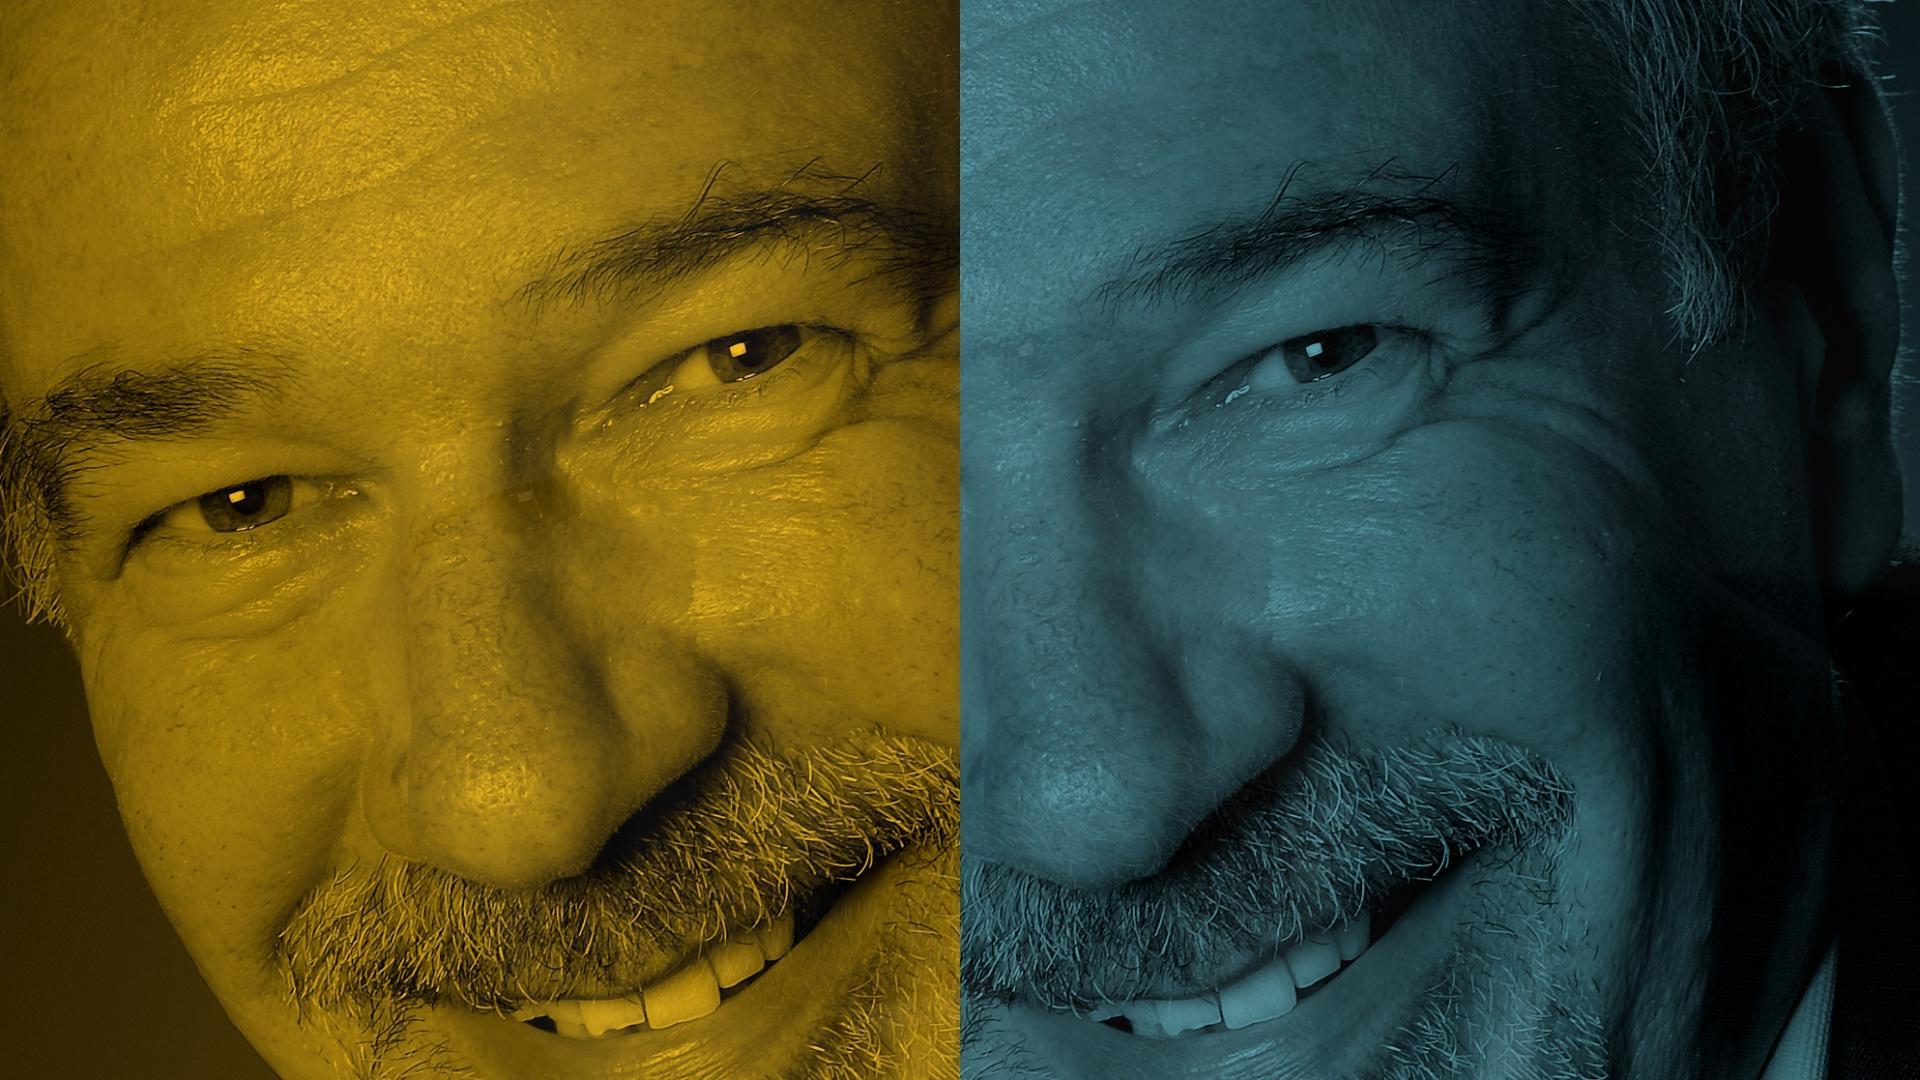 Scomparso Luca Bastia, il giornalista gentile che amava il Kendo